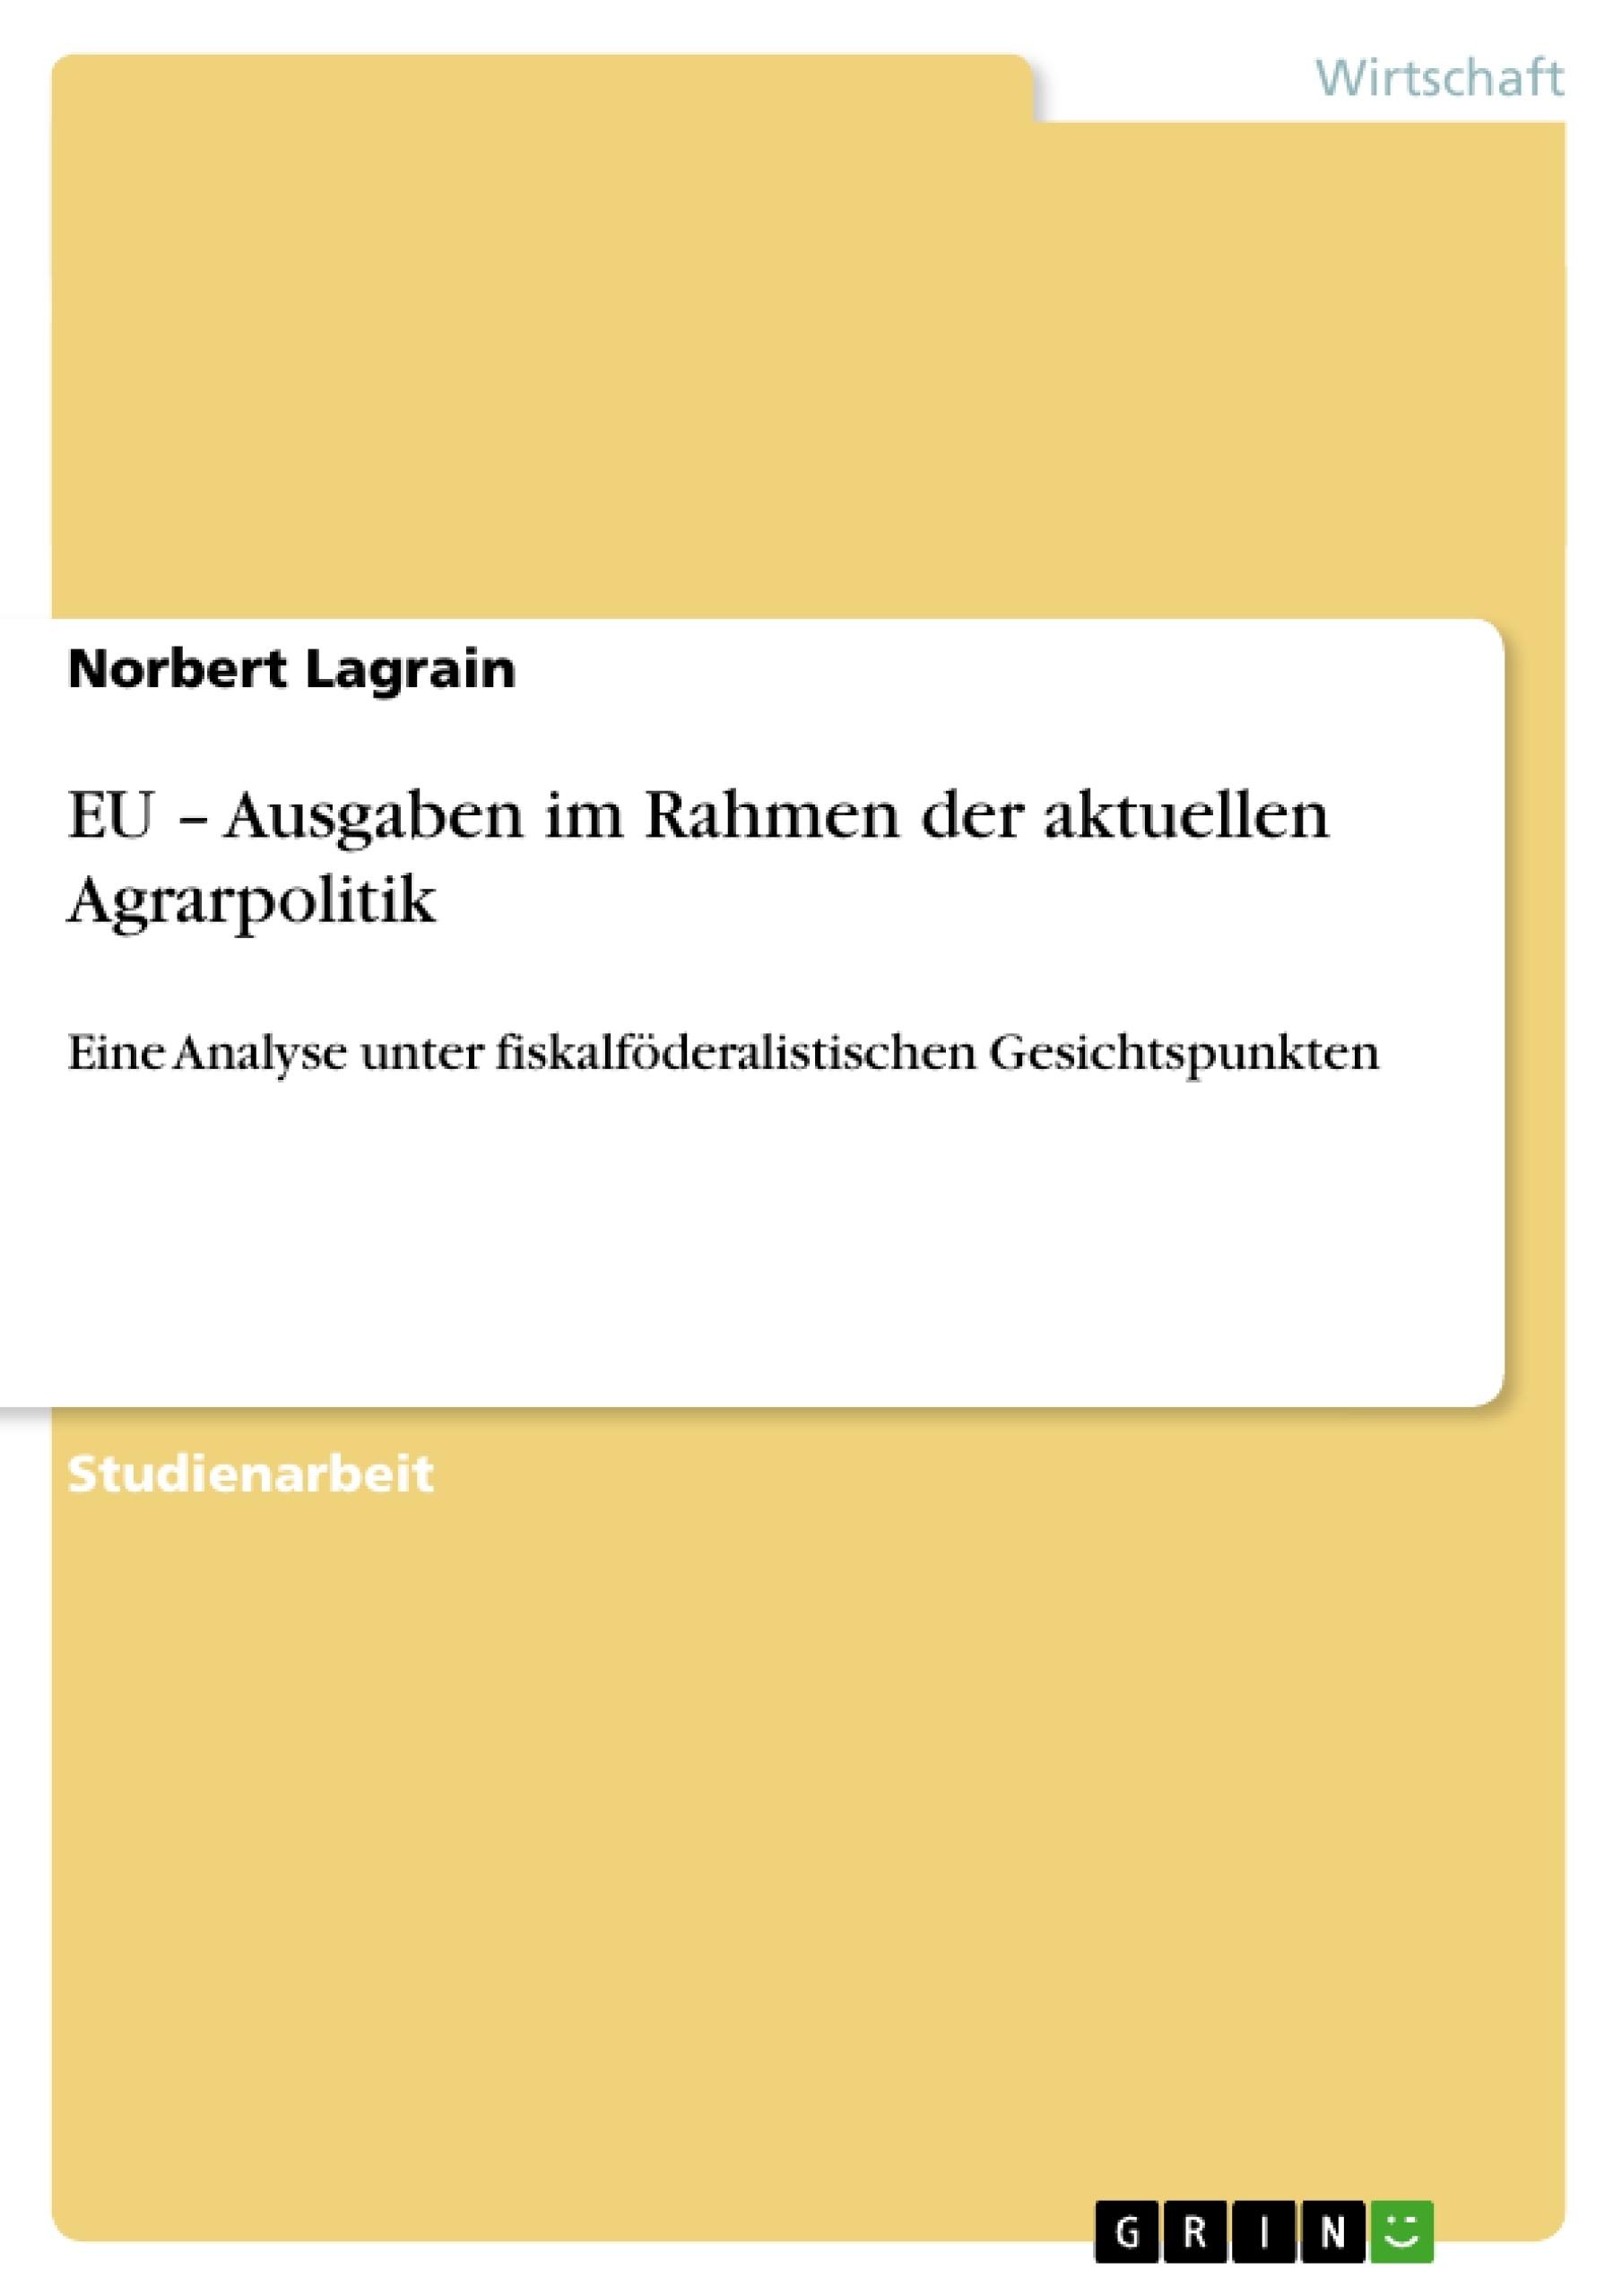 Titel: EU – Ausgaben im Rahmen der aktuellen Agrarpolitik